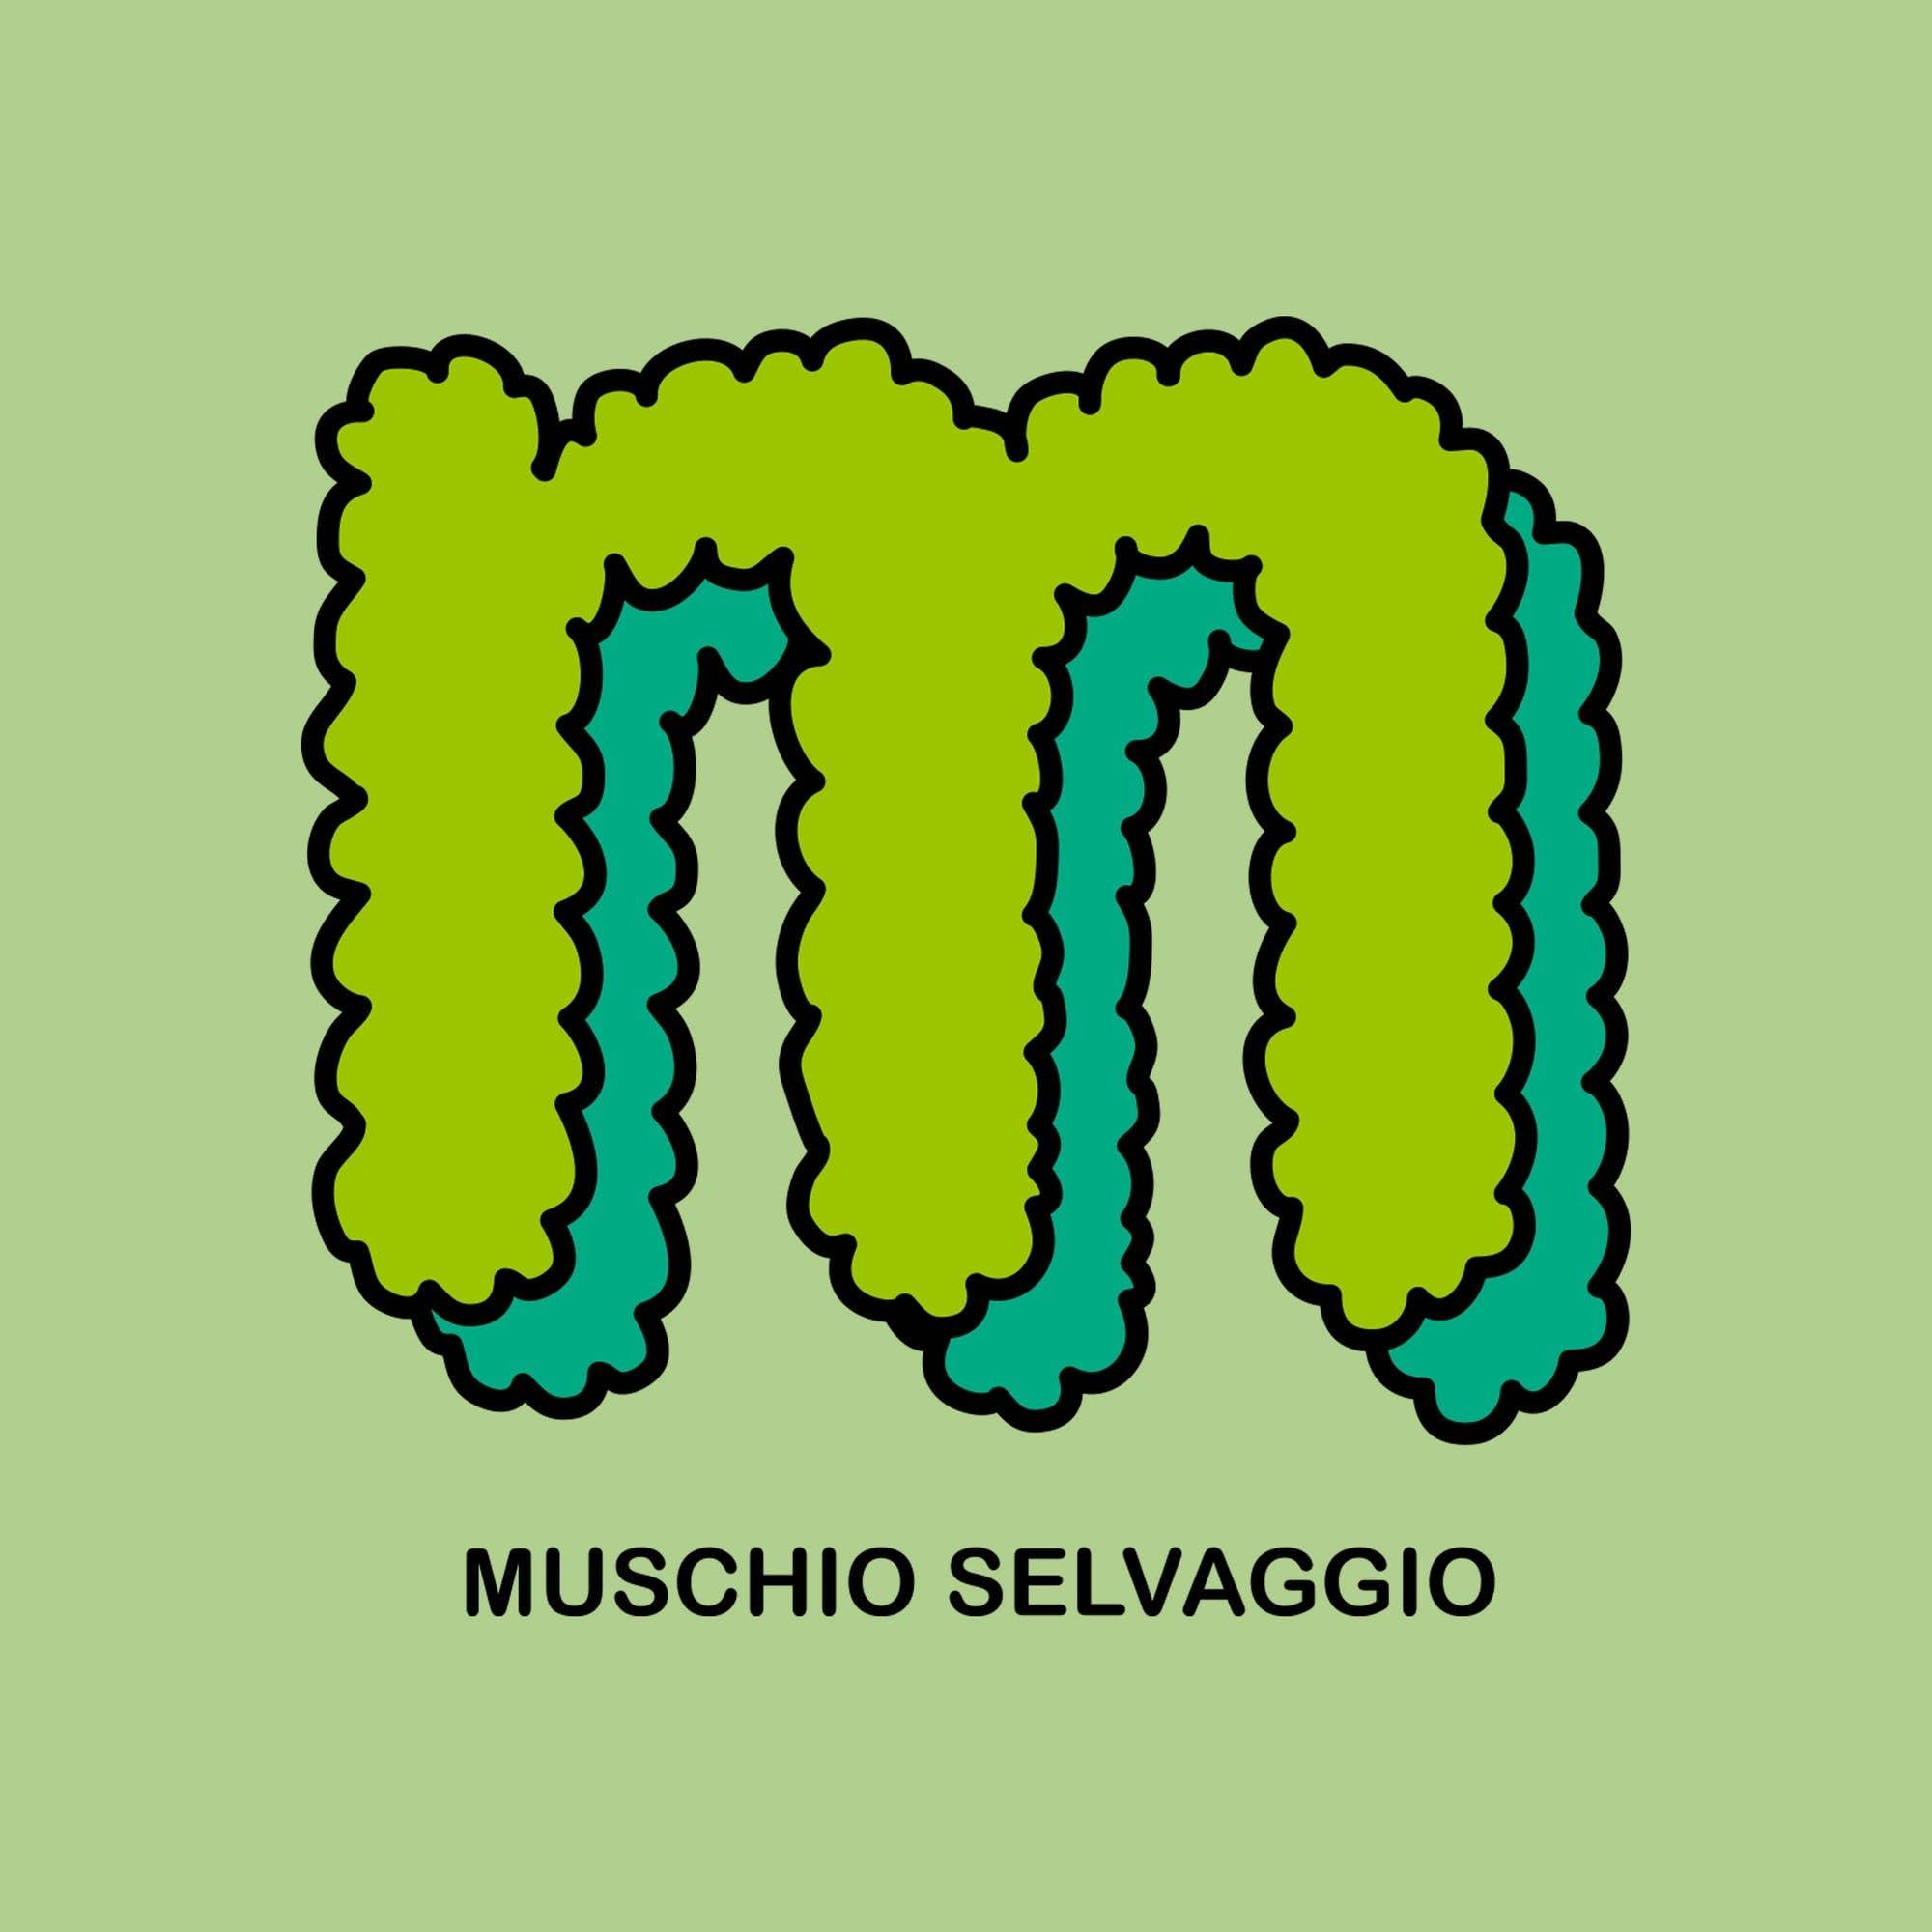 Muschio Selvaggio